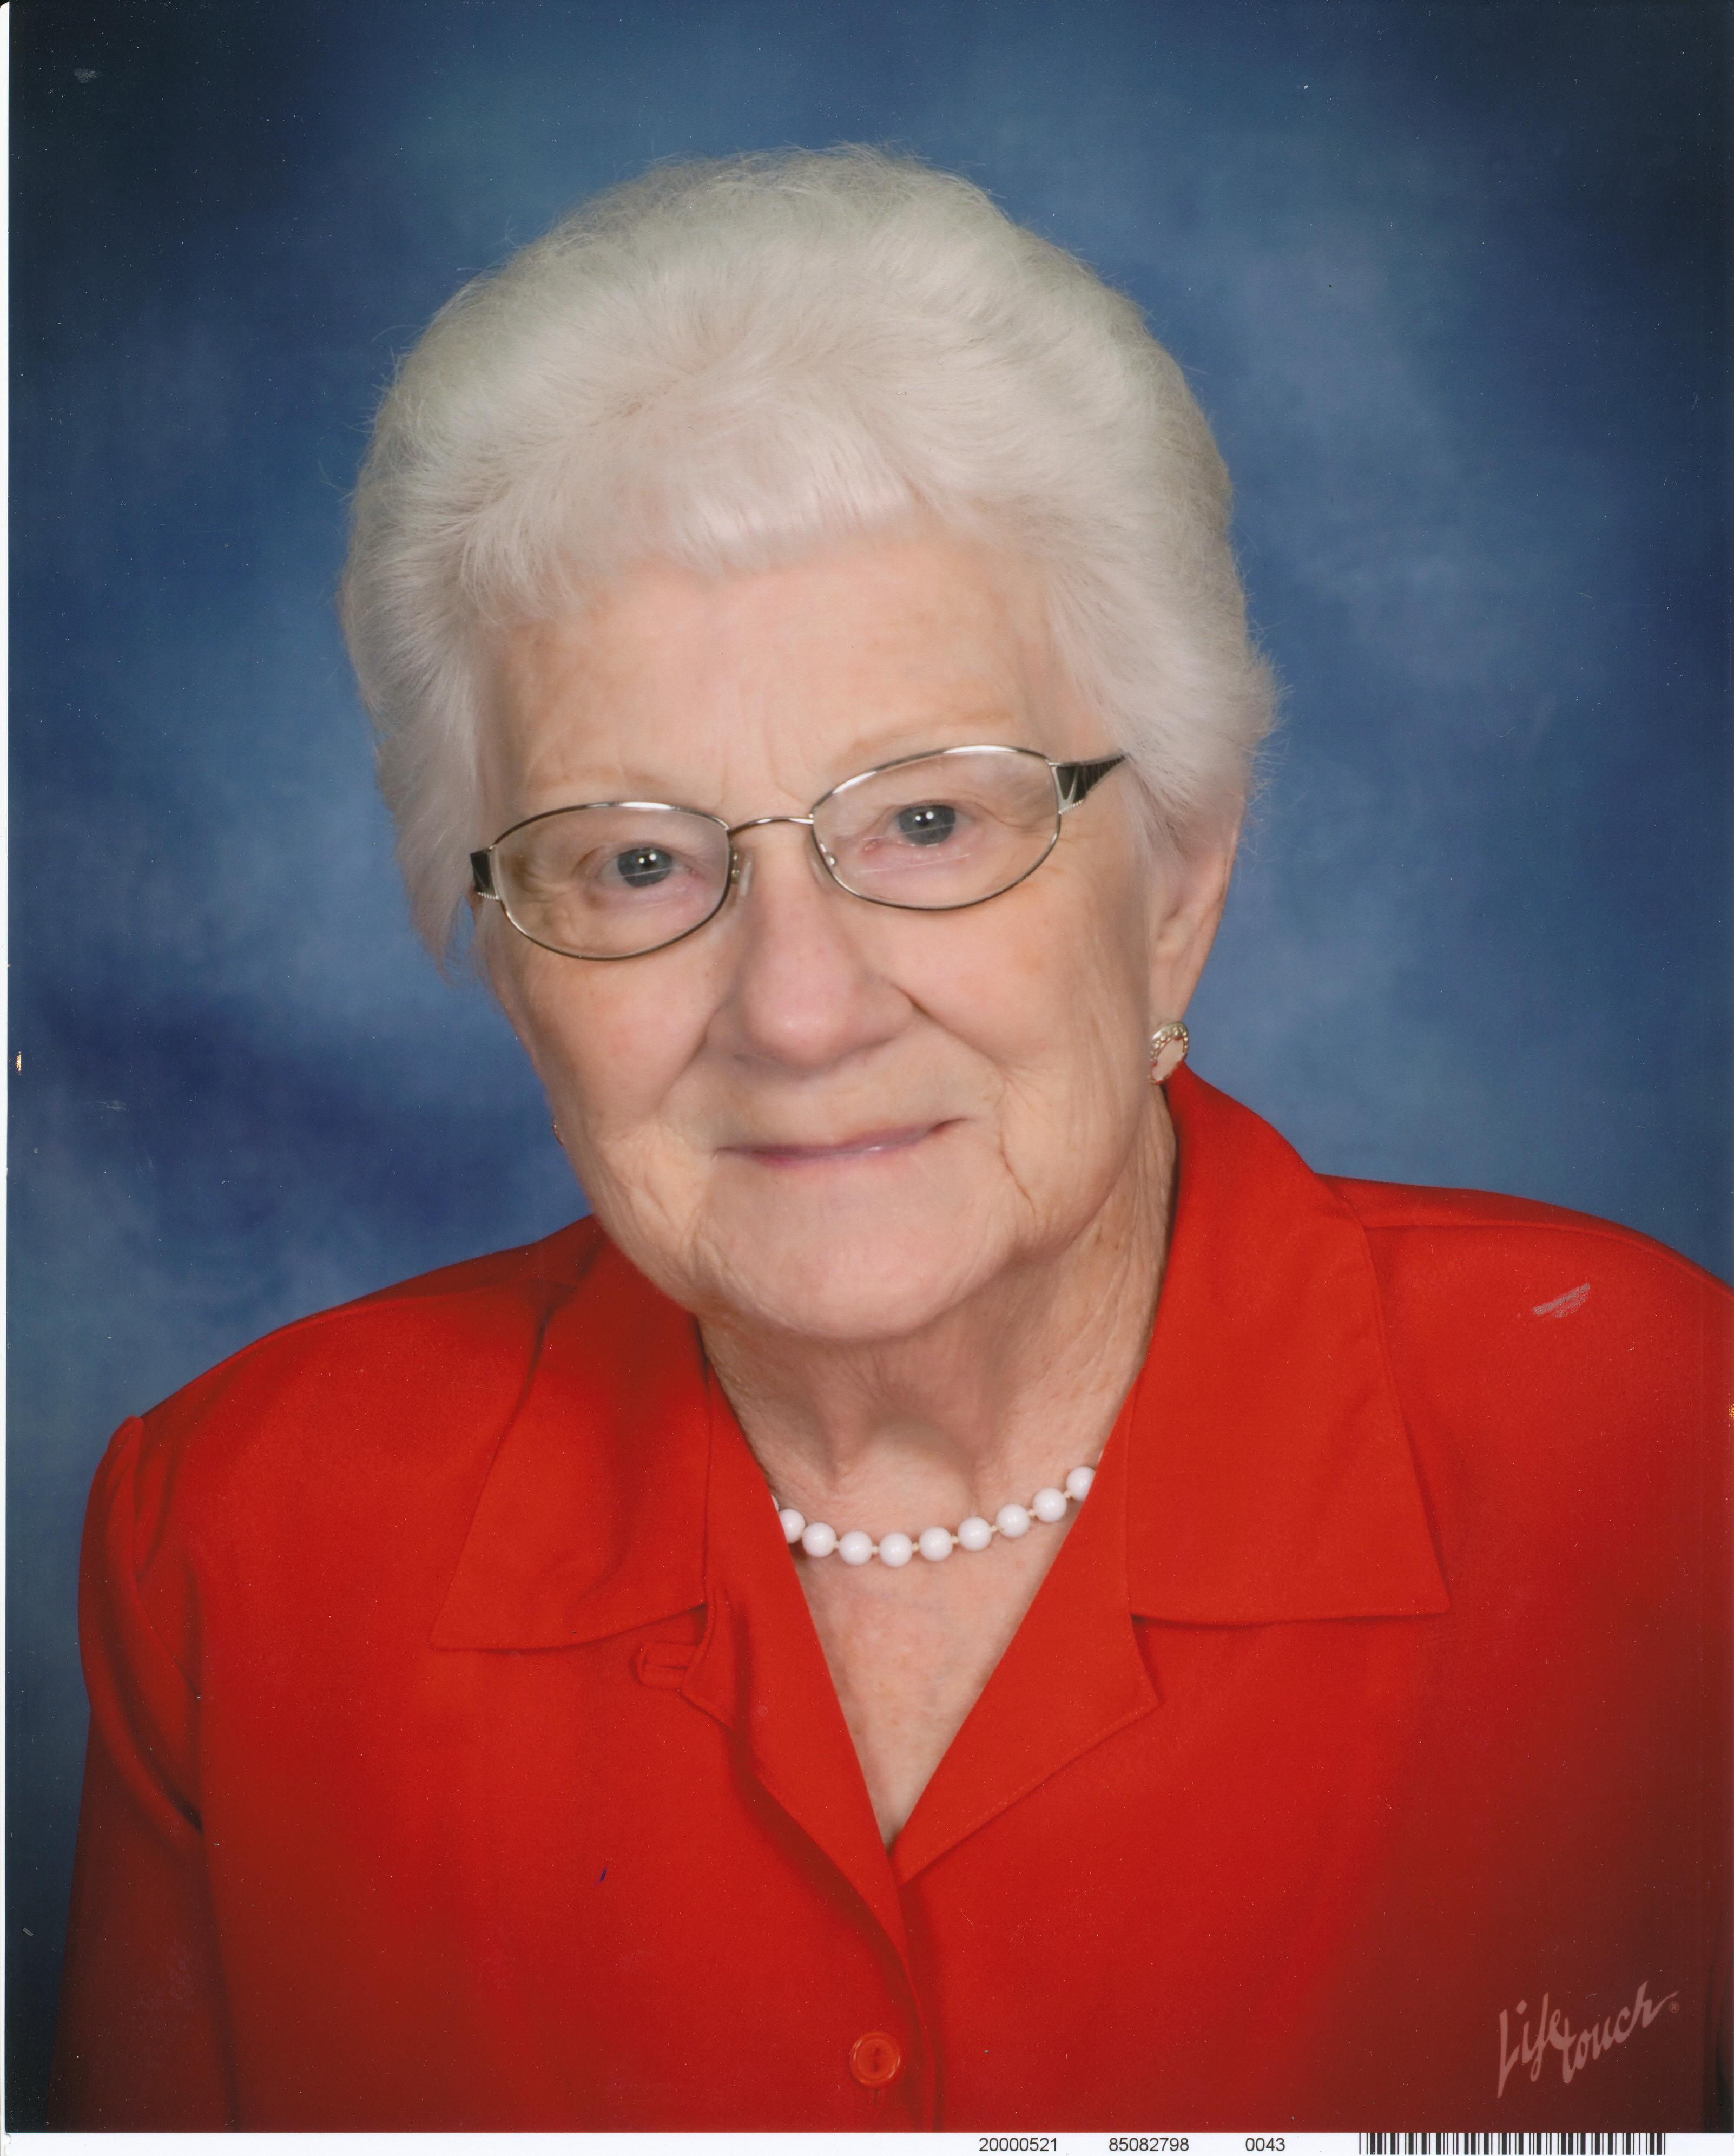 Doris Broekemeier, age 86, of Norfolk, NE formerly of Pilger, NE